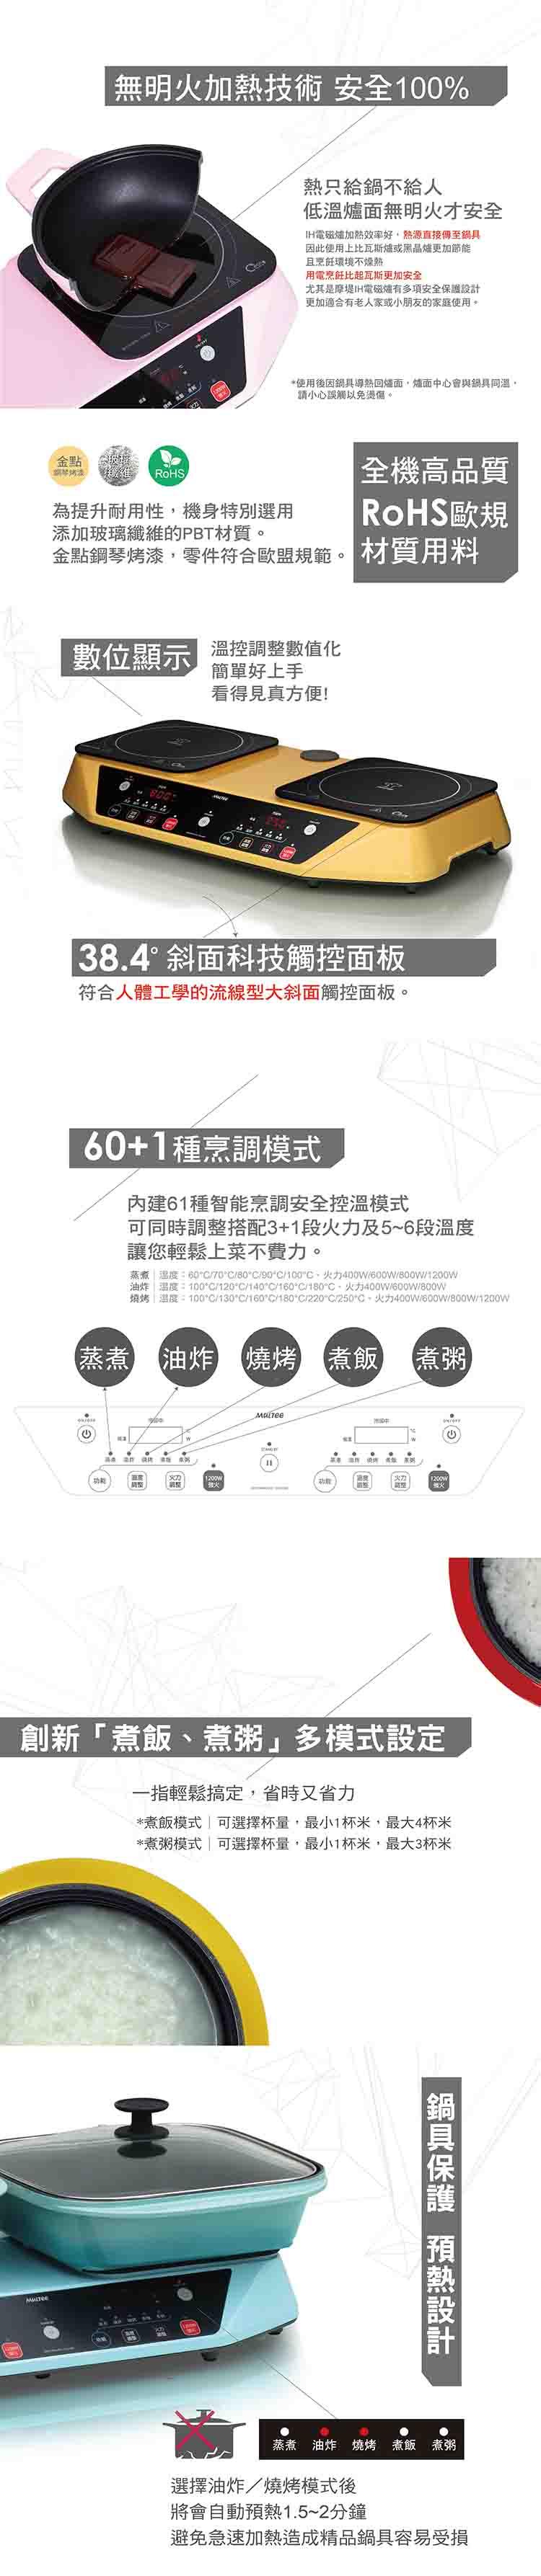 750-雙享爐網頁版-產品介紹+部落客 (3).jpg